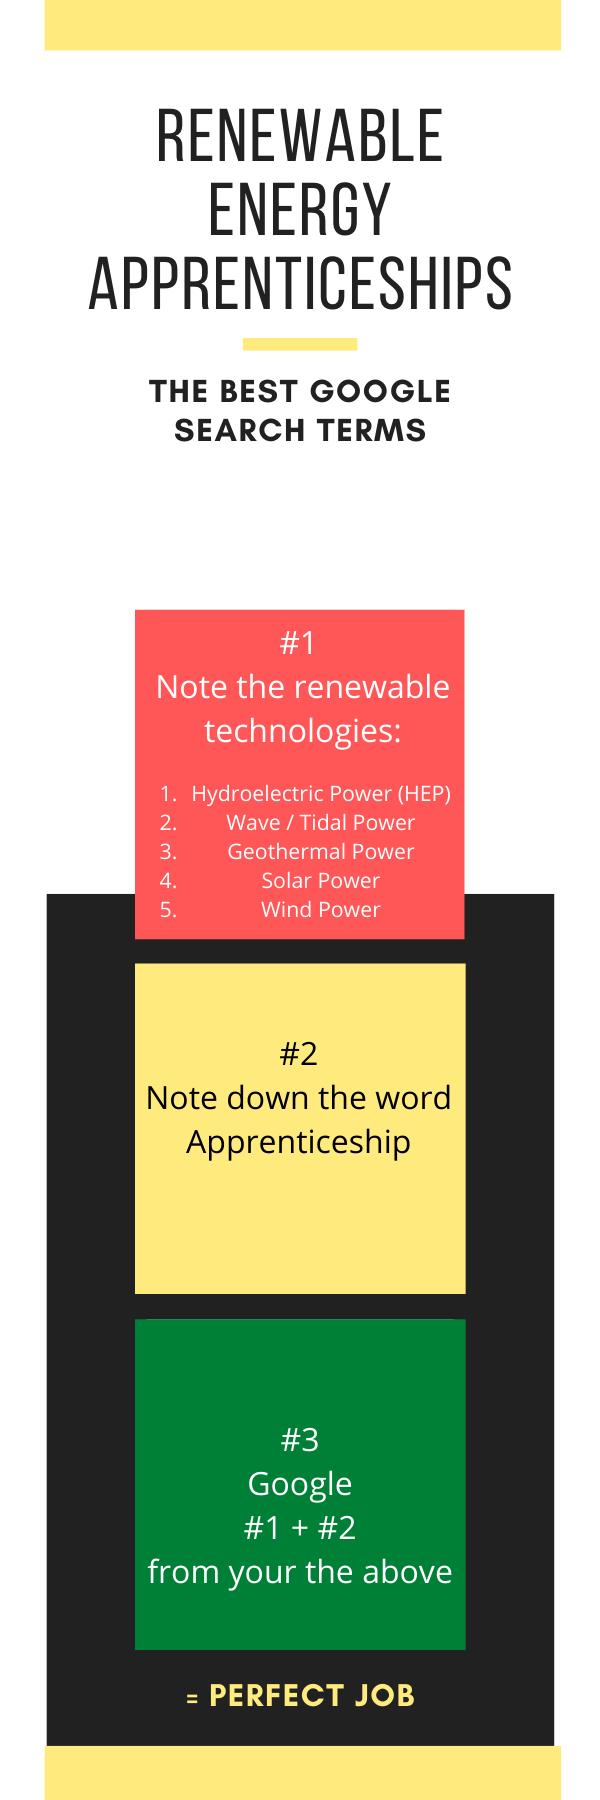 Renewable Energy Apprenticeships [Infographic]